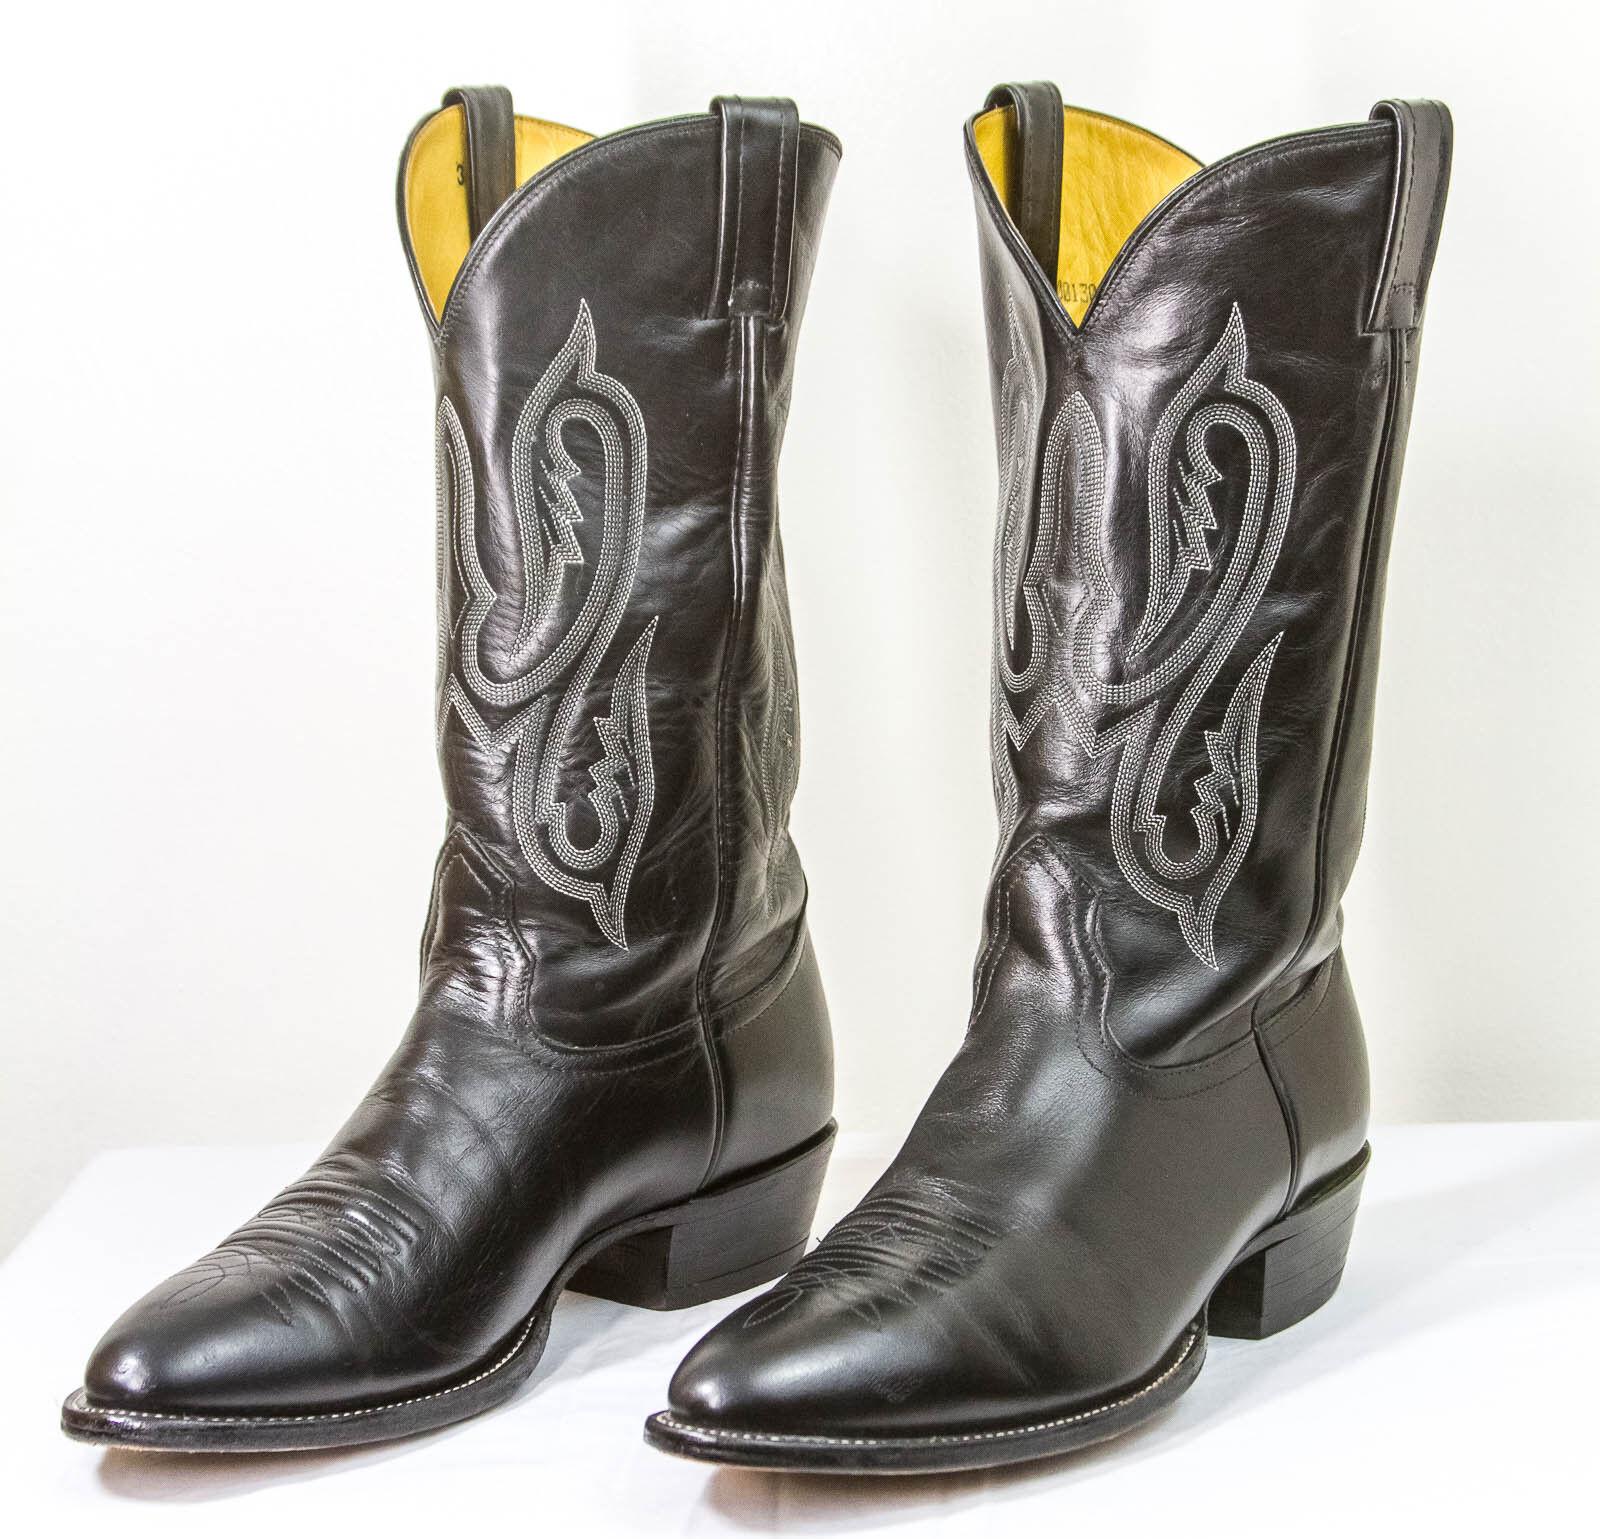 Nocona Cuero del zurriago negro botas de vaquero 11.5C Muy Buen Estado Hecho en EE. UU.